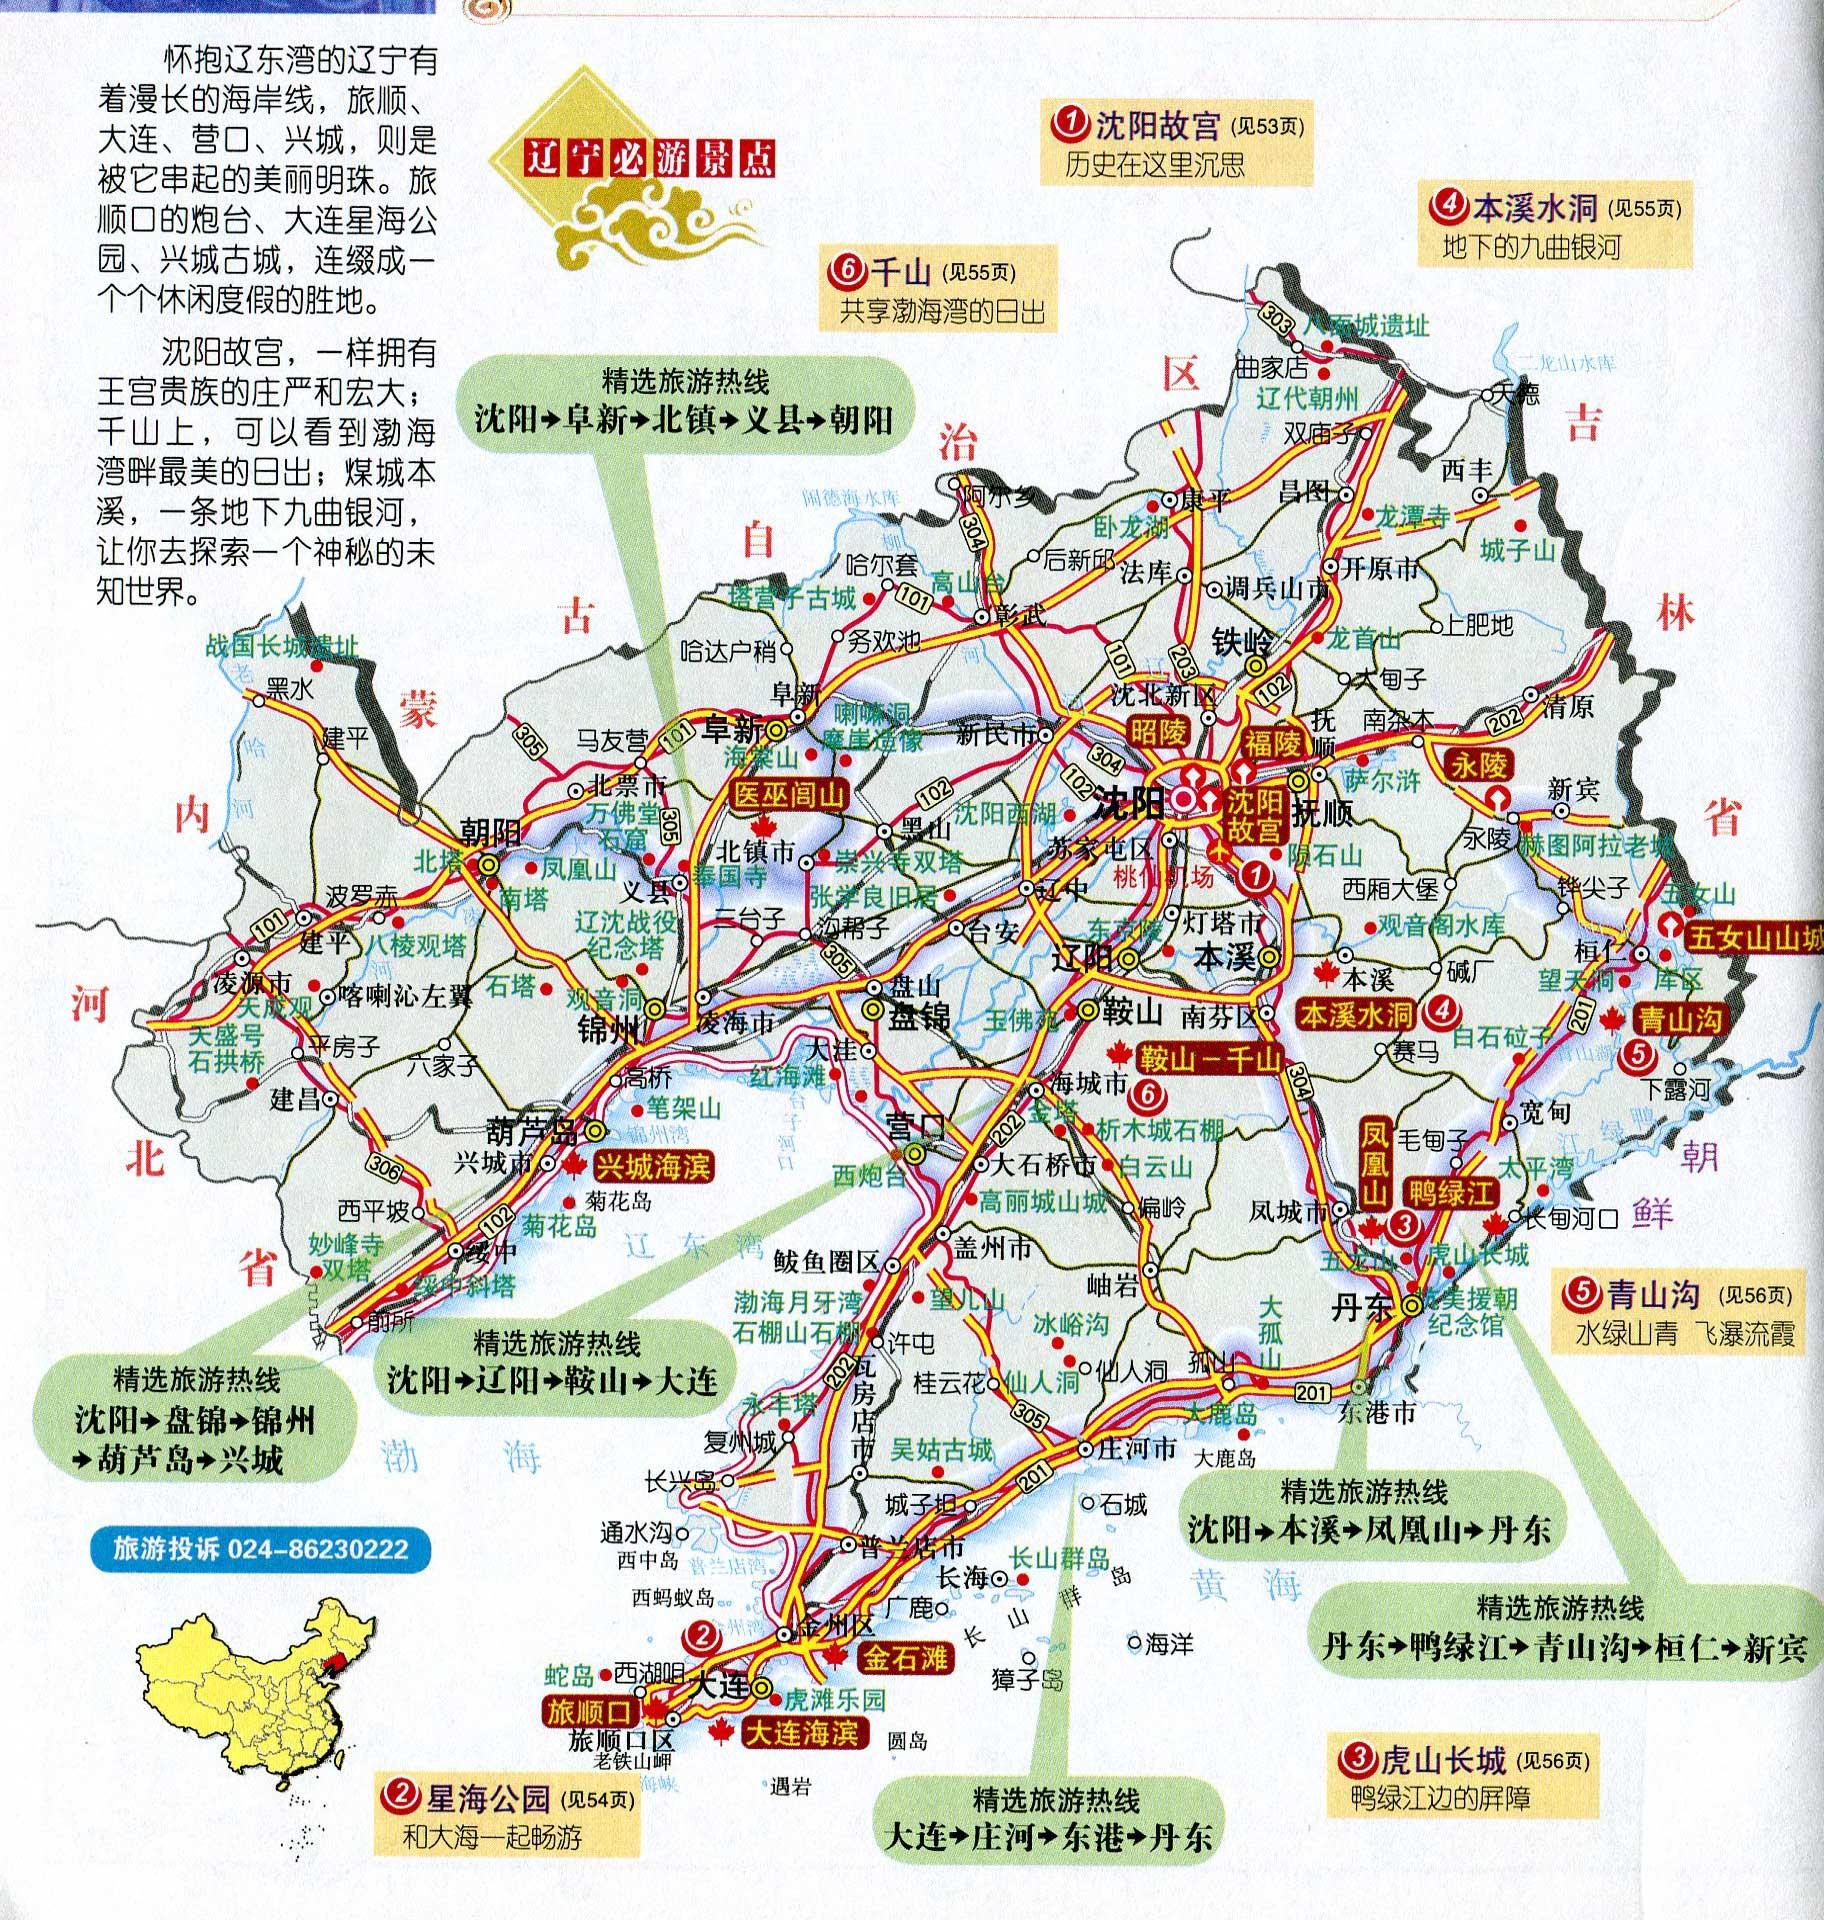 辽宁省旅游地图(必游景点)